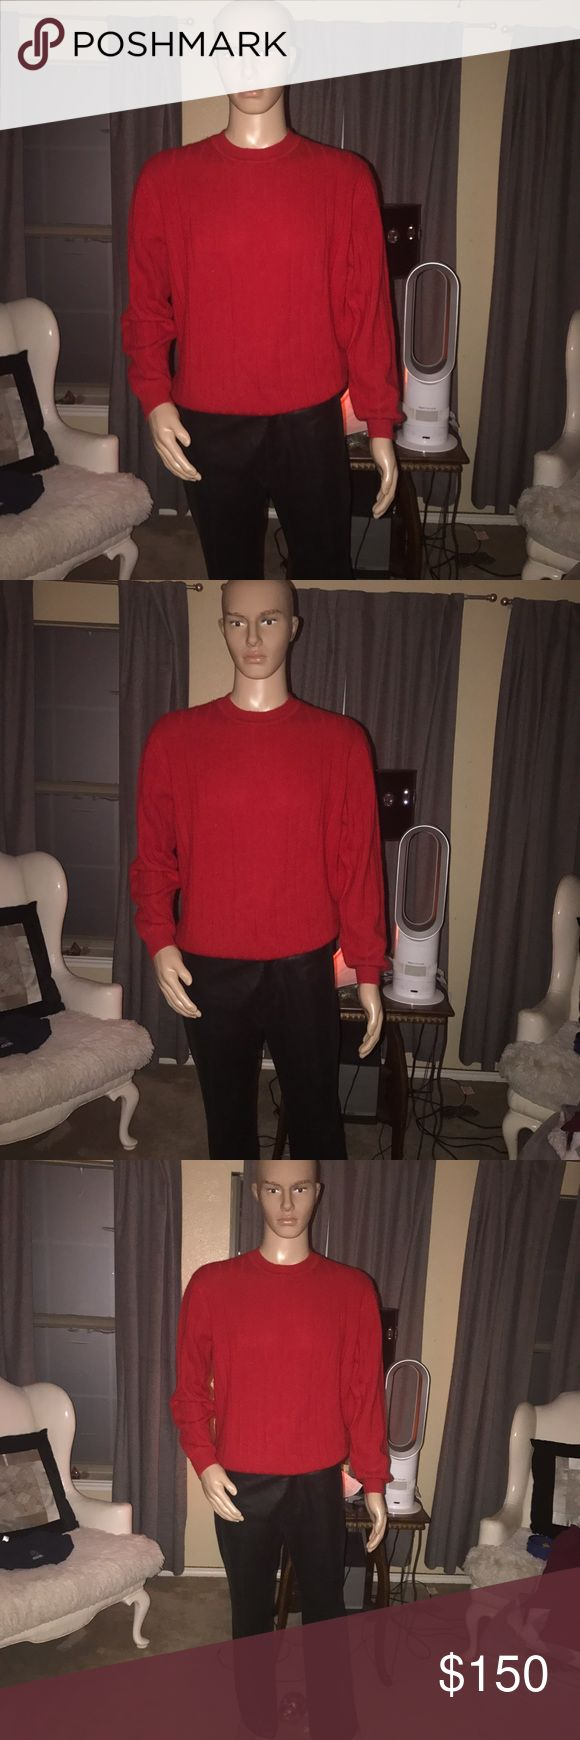 Men's cashmere sweater Men's cashmere sweater size medium in excellent condition. turnbury Sweaters